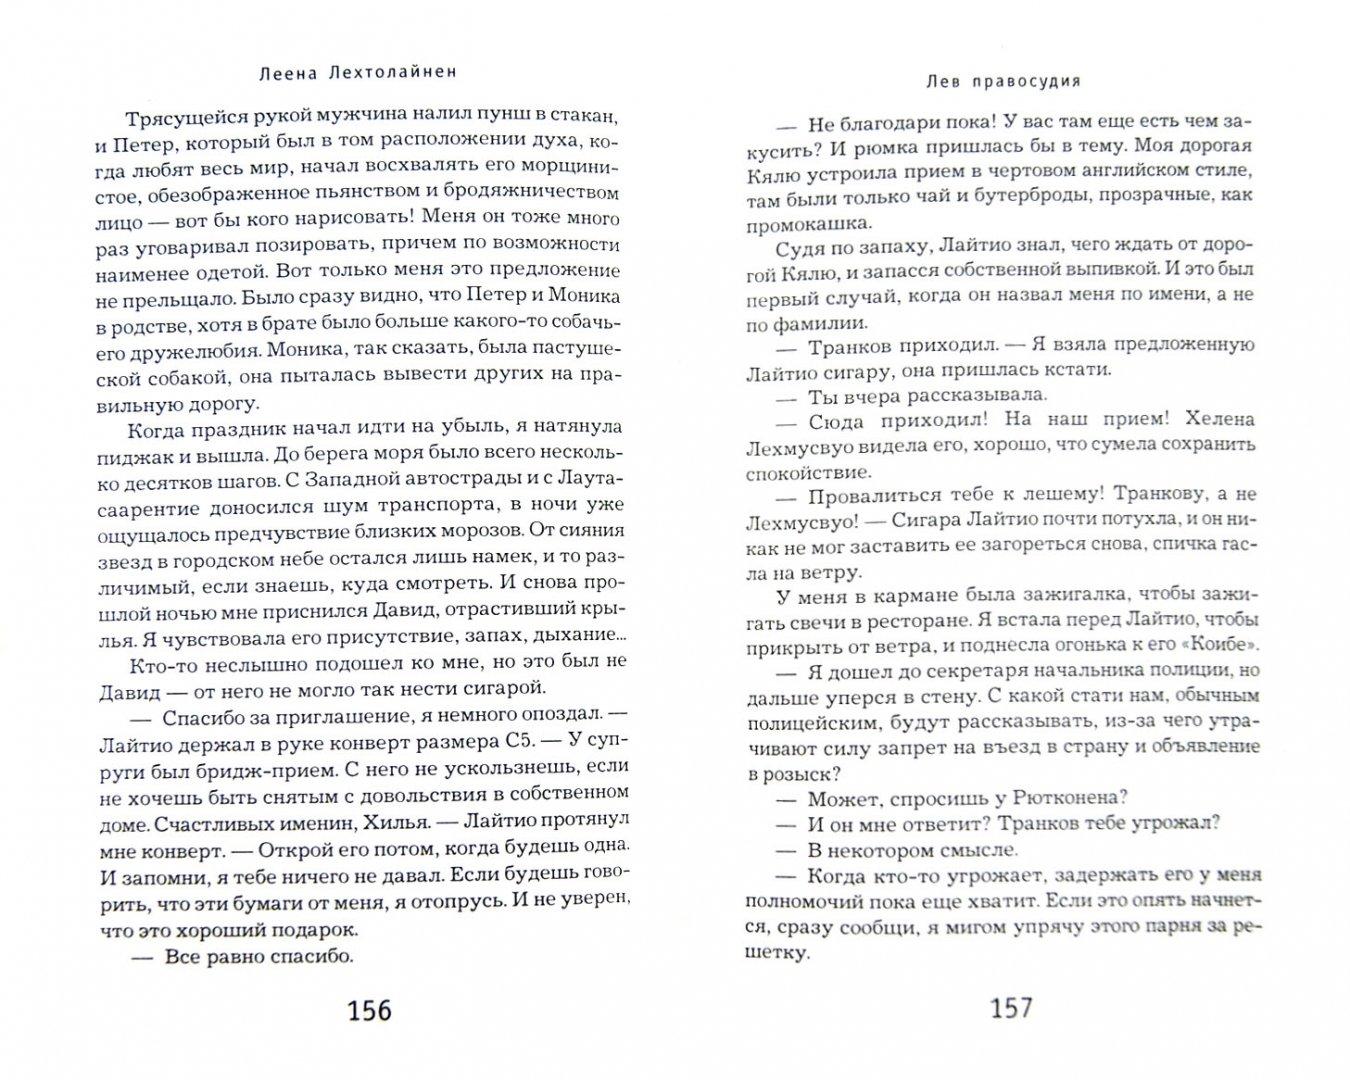 Иллюстрация 1 из 5 для Лев правосудия - Леена Лехтолайнен   Лабиринт - книги. Источник: Лабиринт